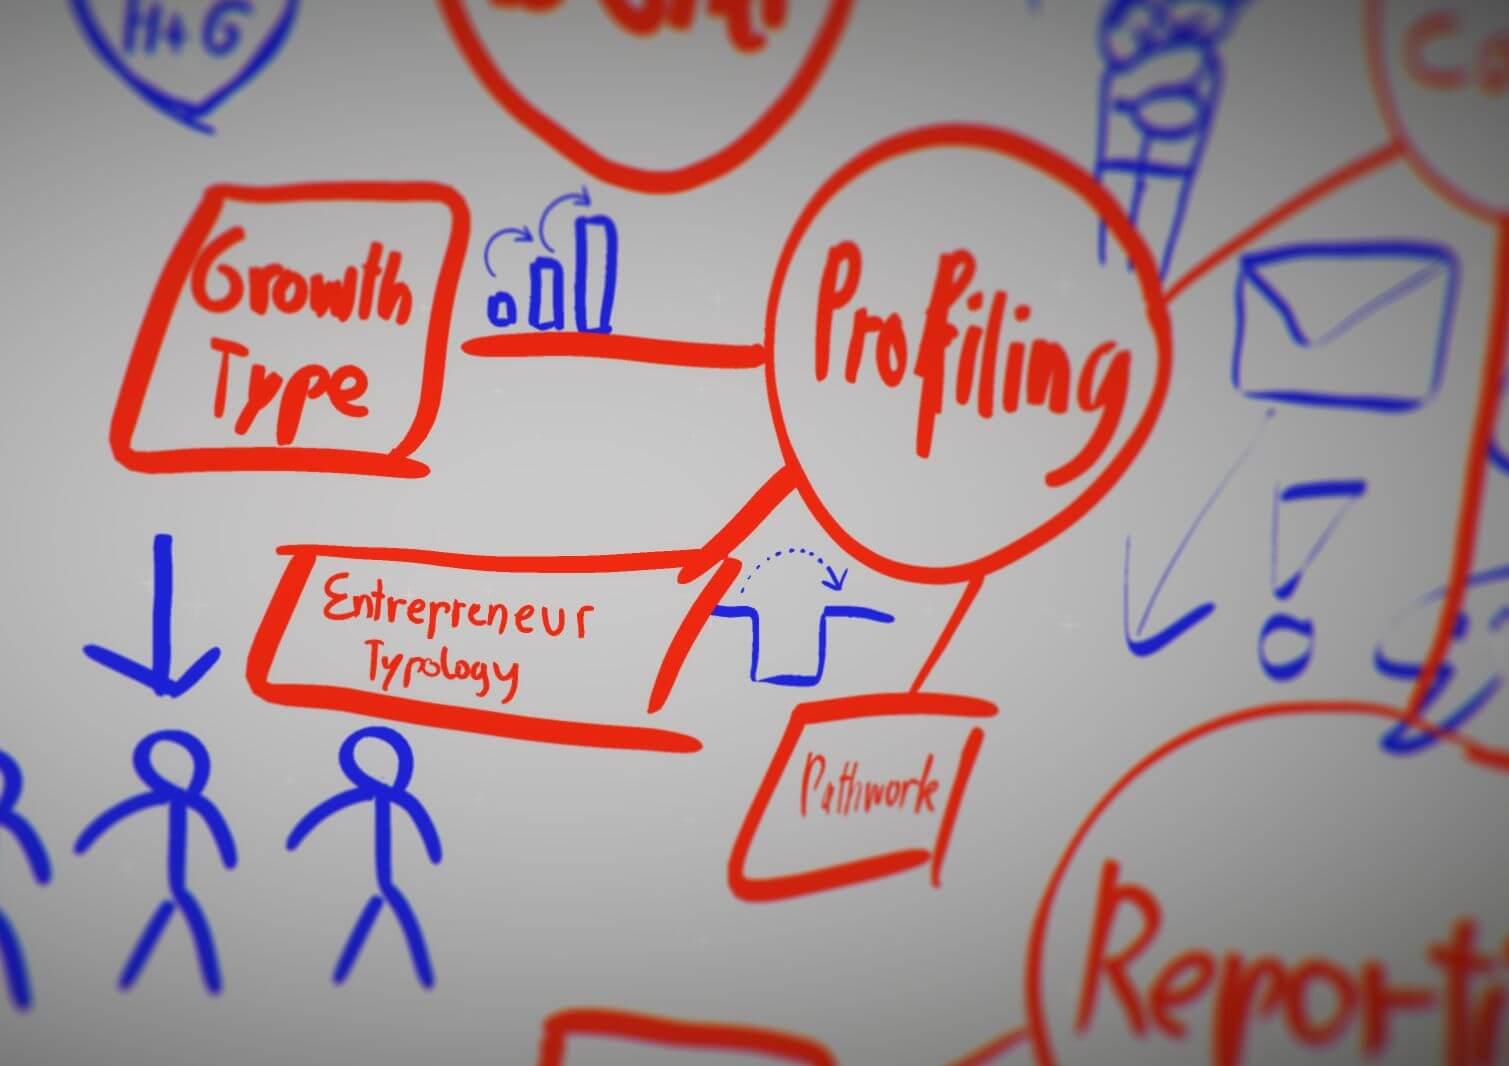 Business Coach-Startup Coach-Life Coach-BrainHive-40